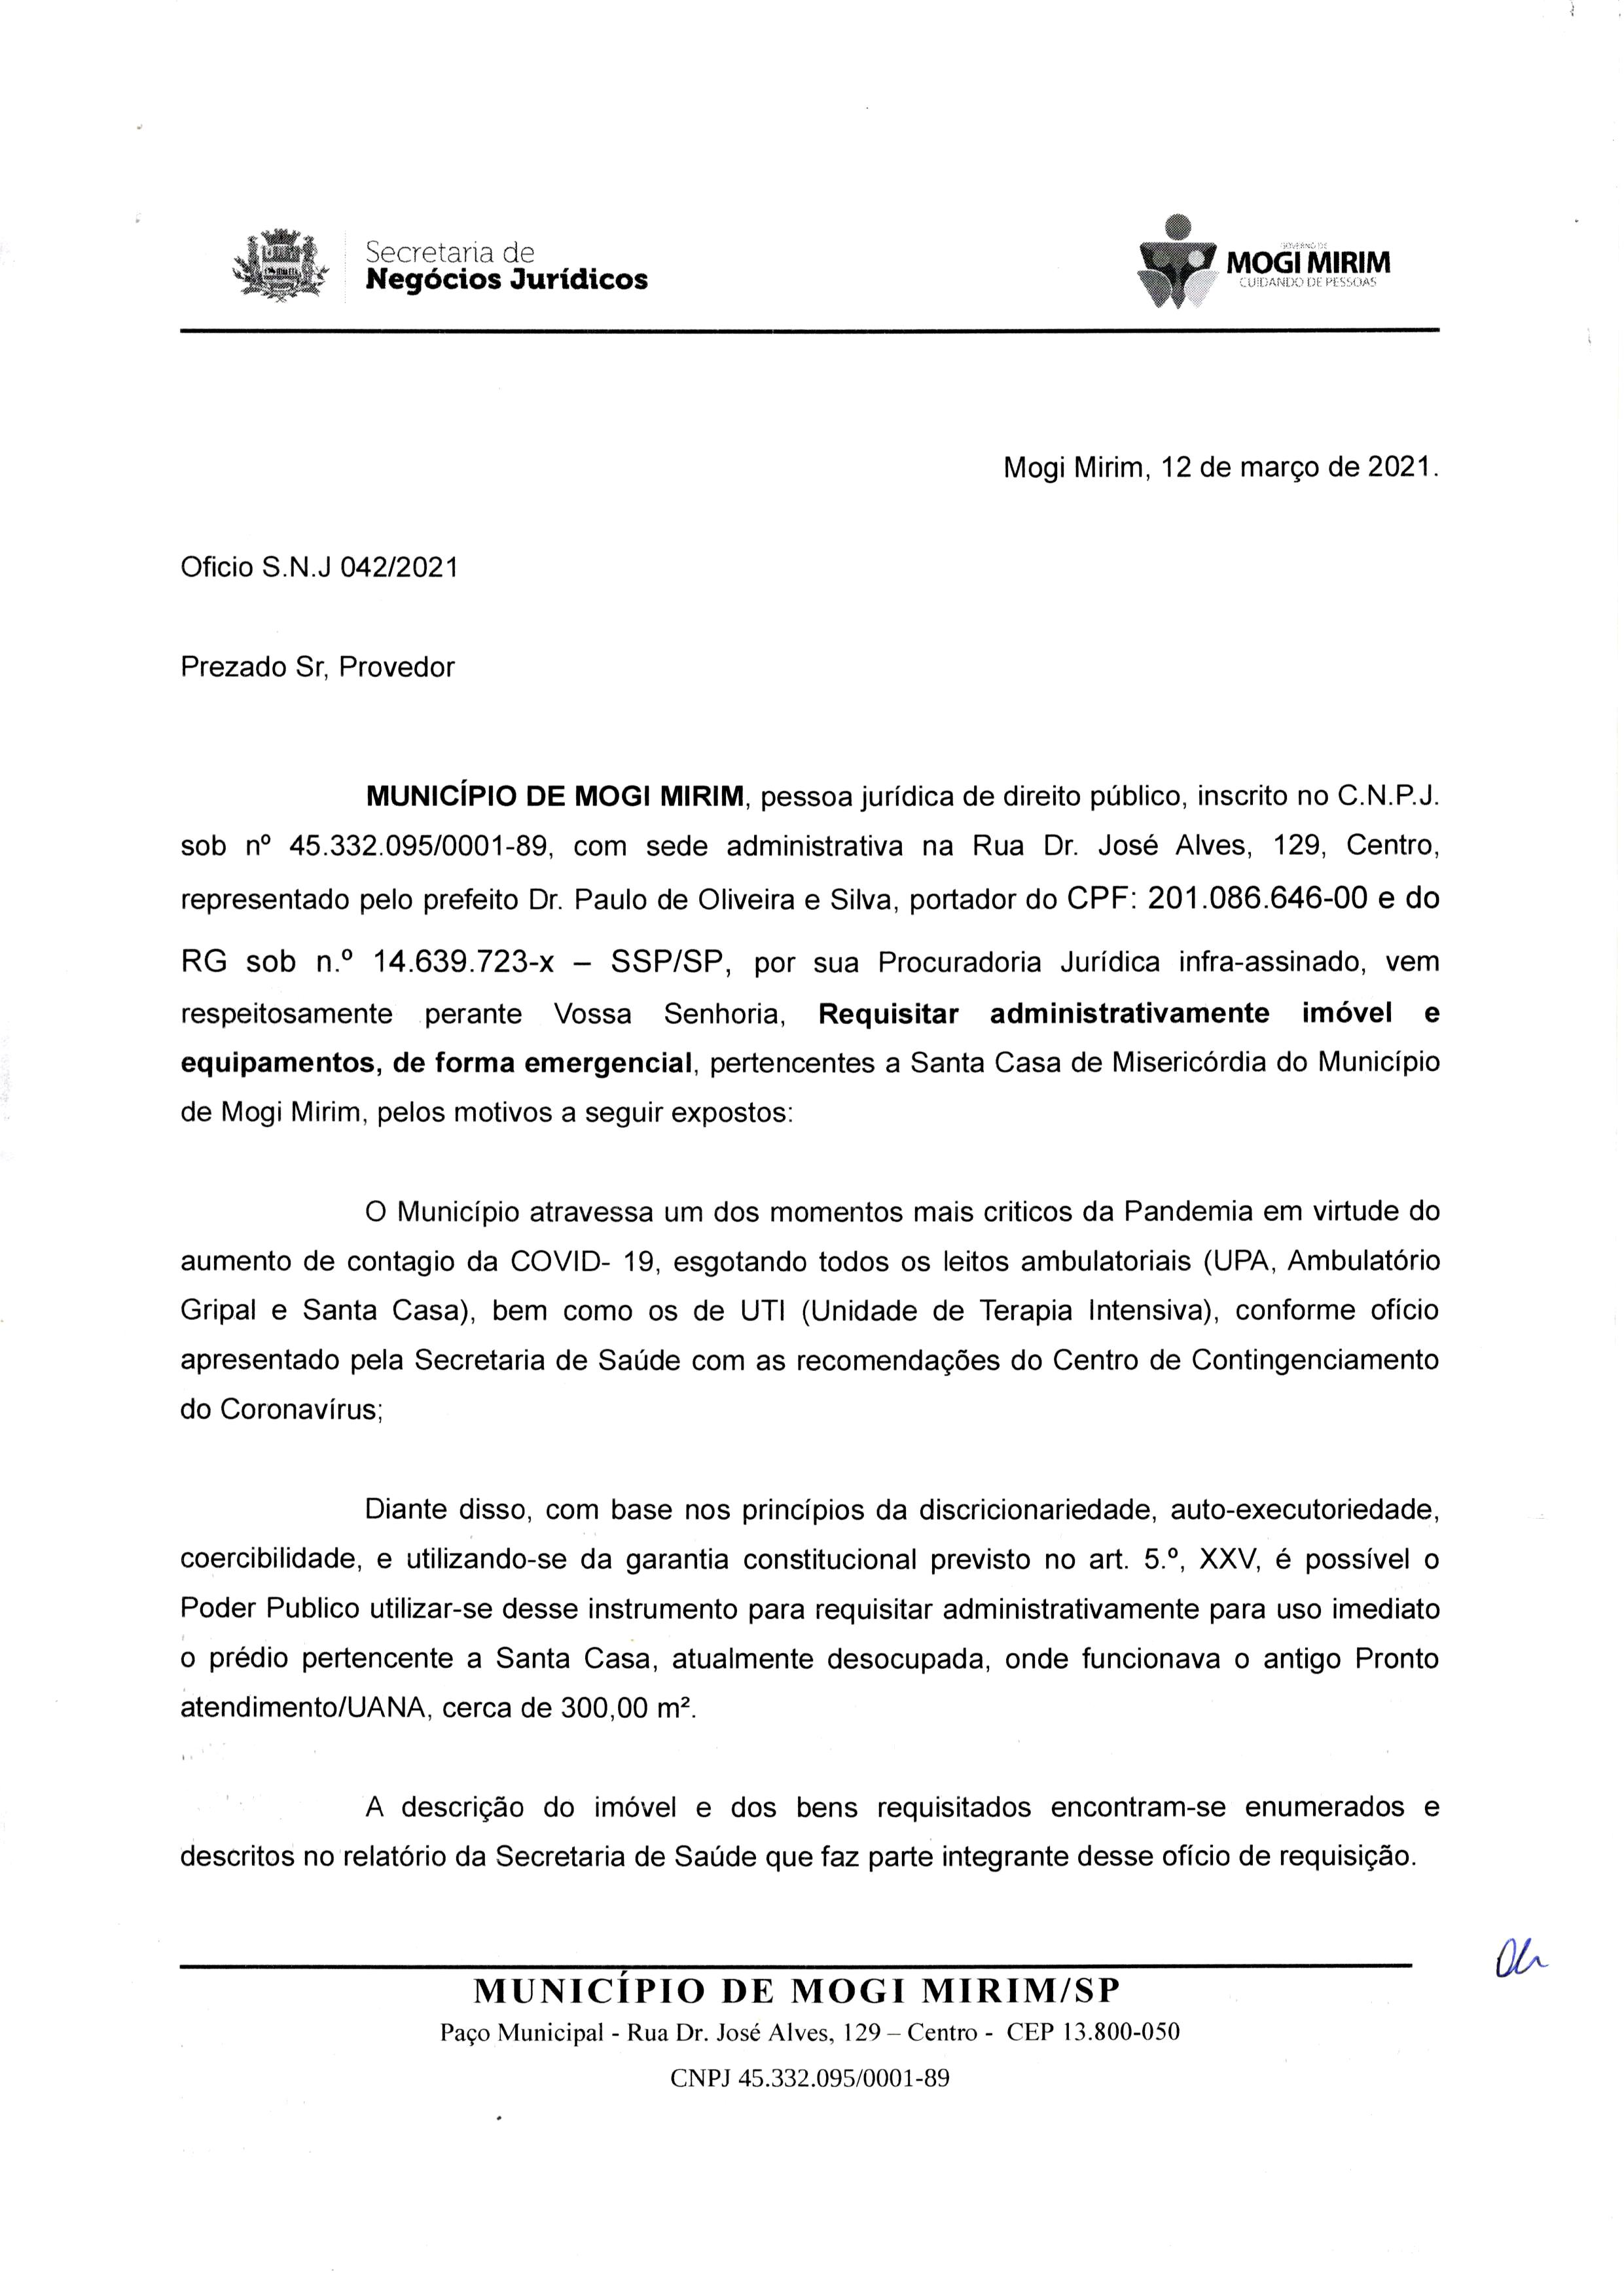 4 - Oficio Prefeitura Solicitando UANA 180 Dias - 12-03-20210001